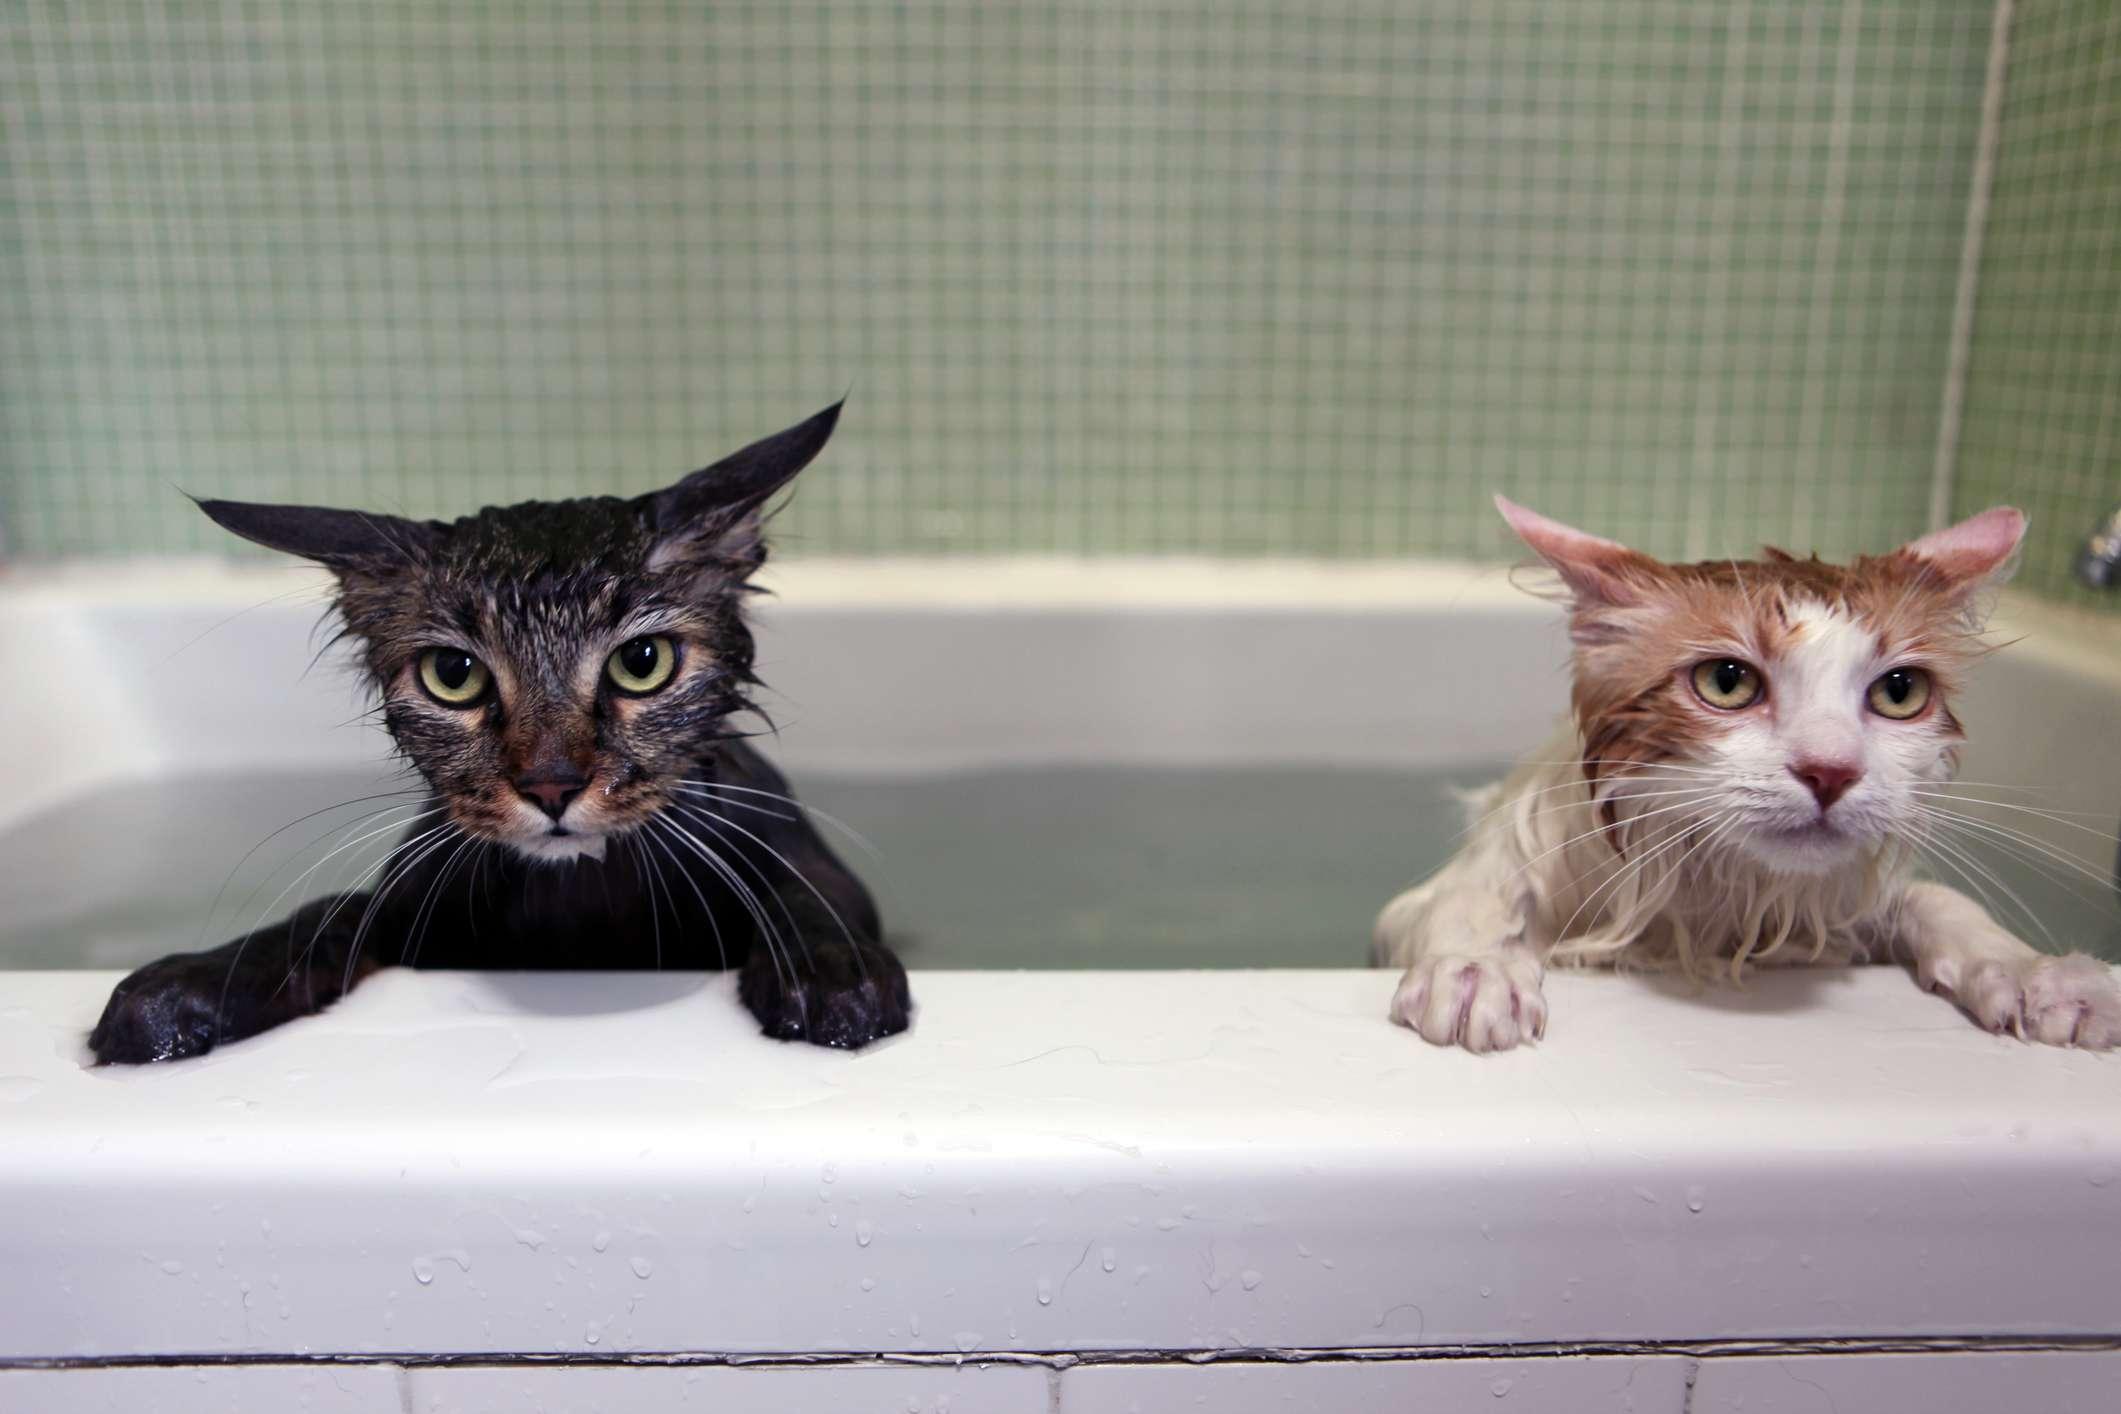 Un Maine Coon y un gato calico tomando un baño